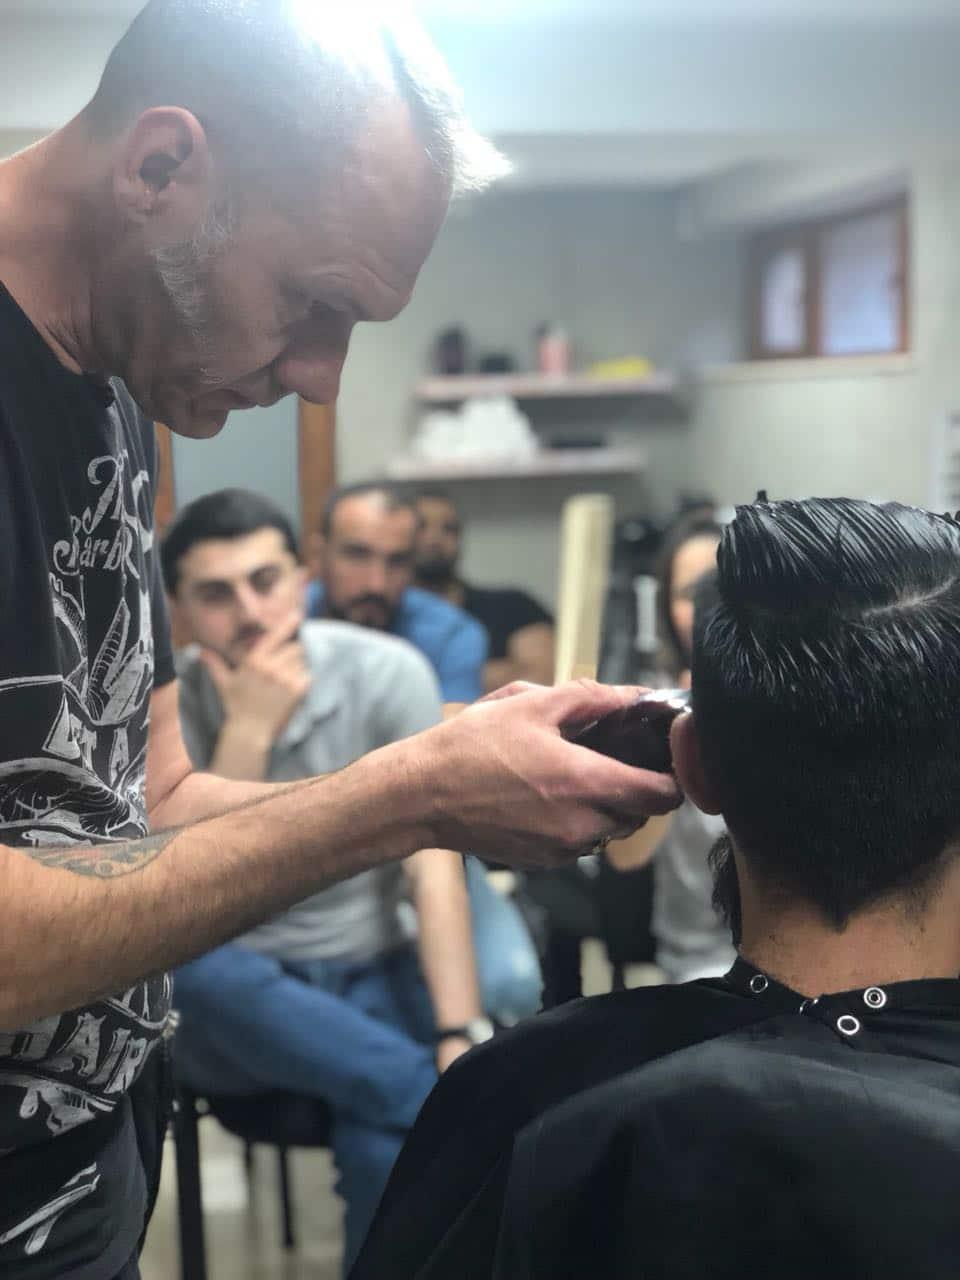 Morella Hair Center Baku Azerbaiyan julio18 10